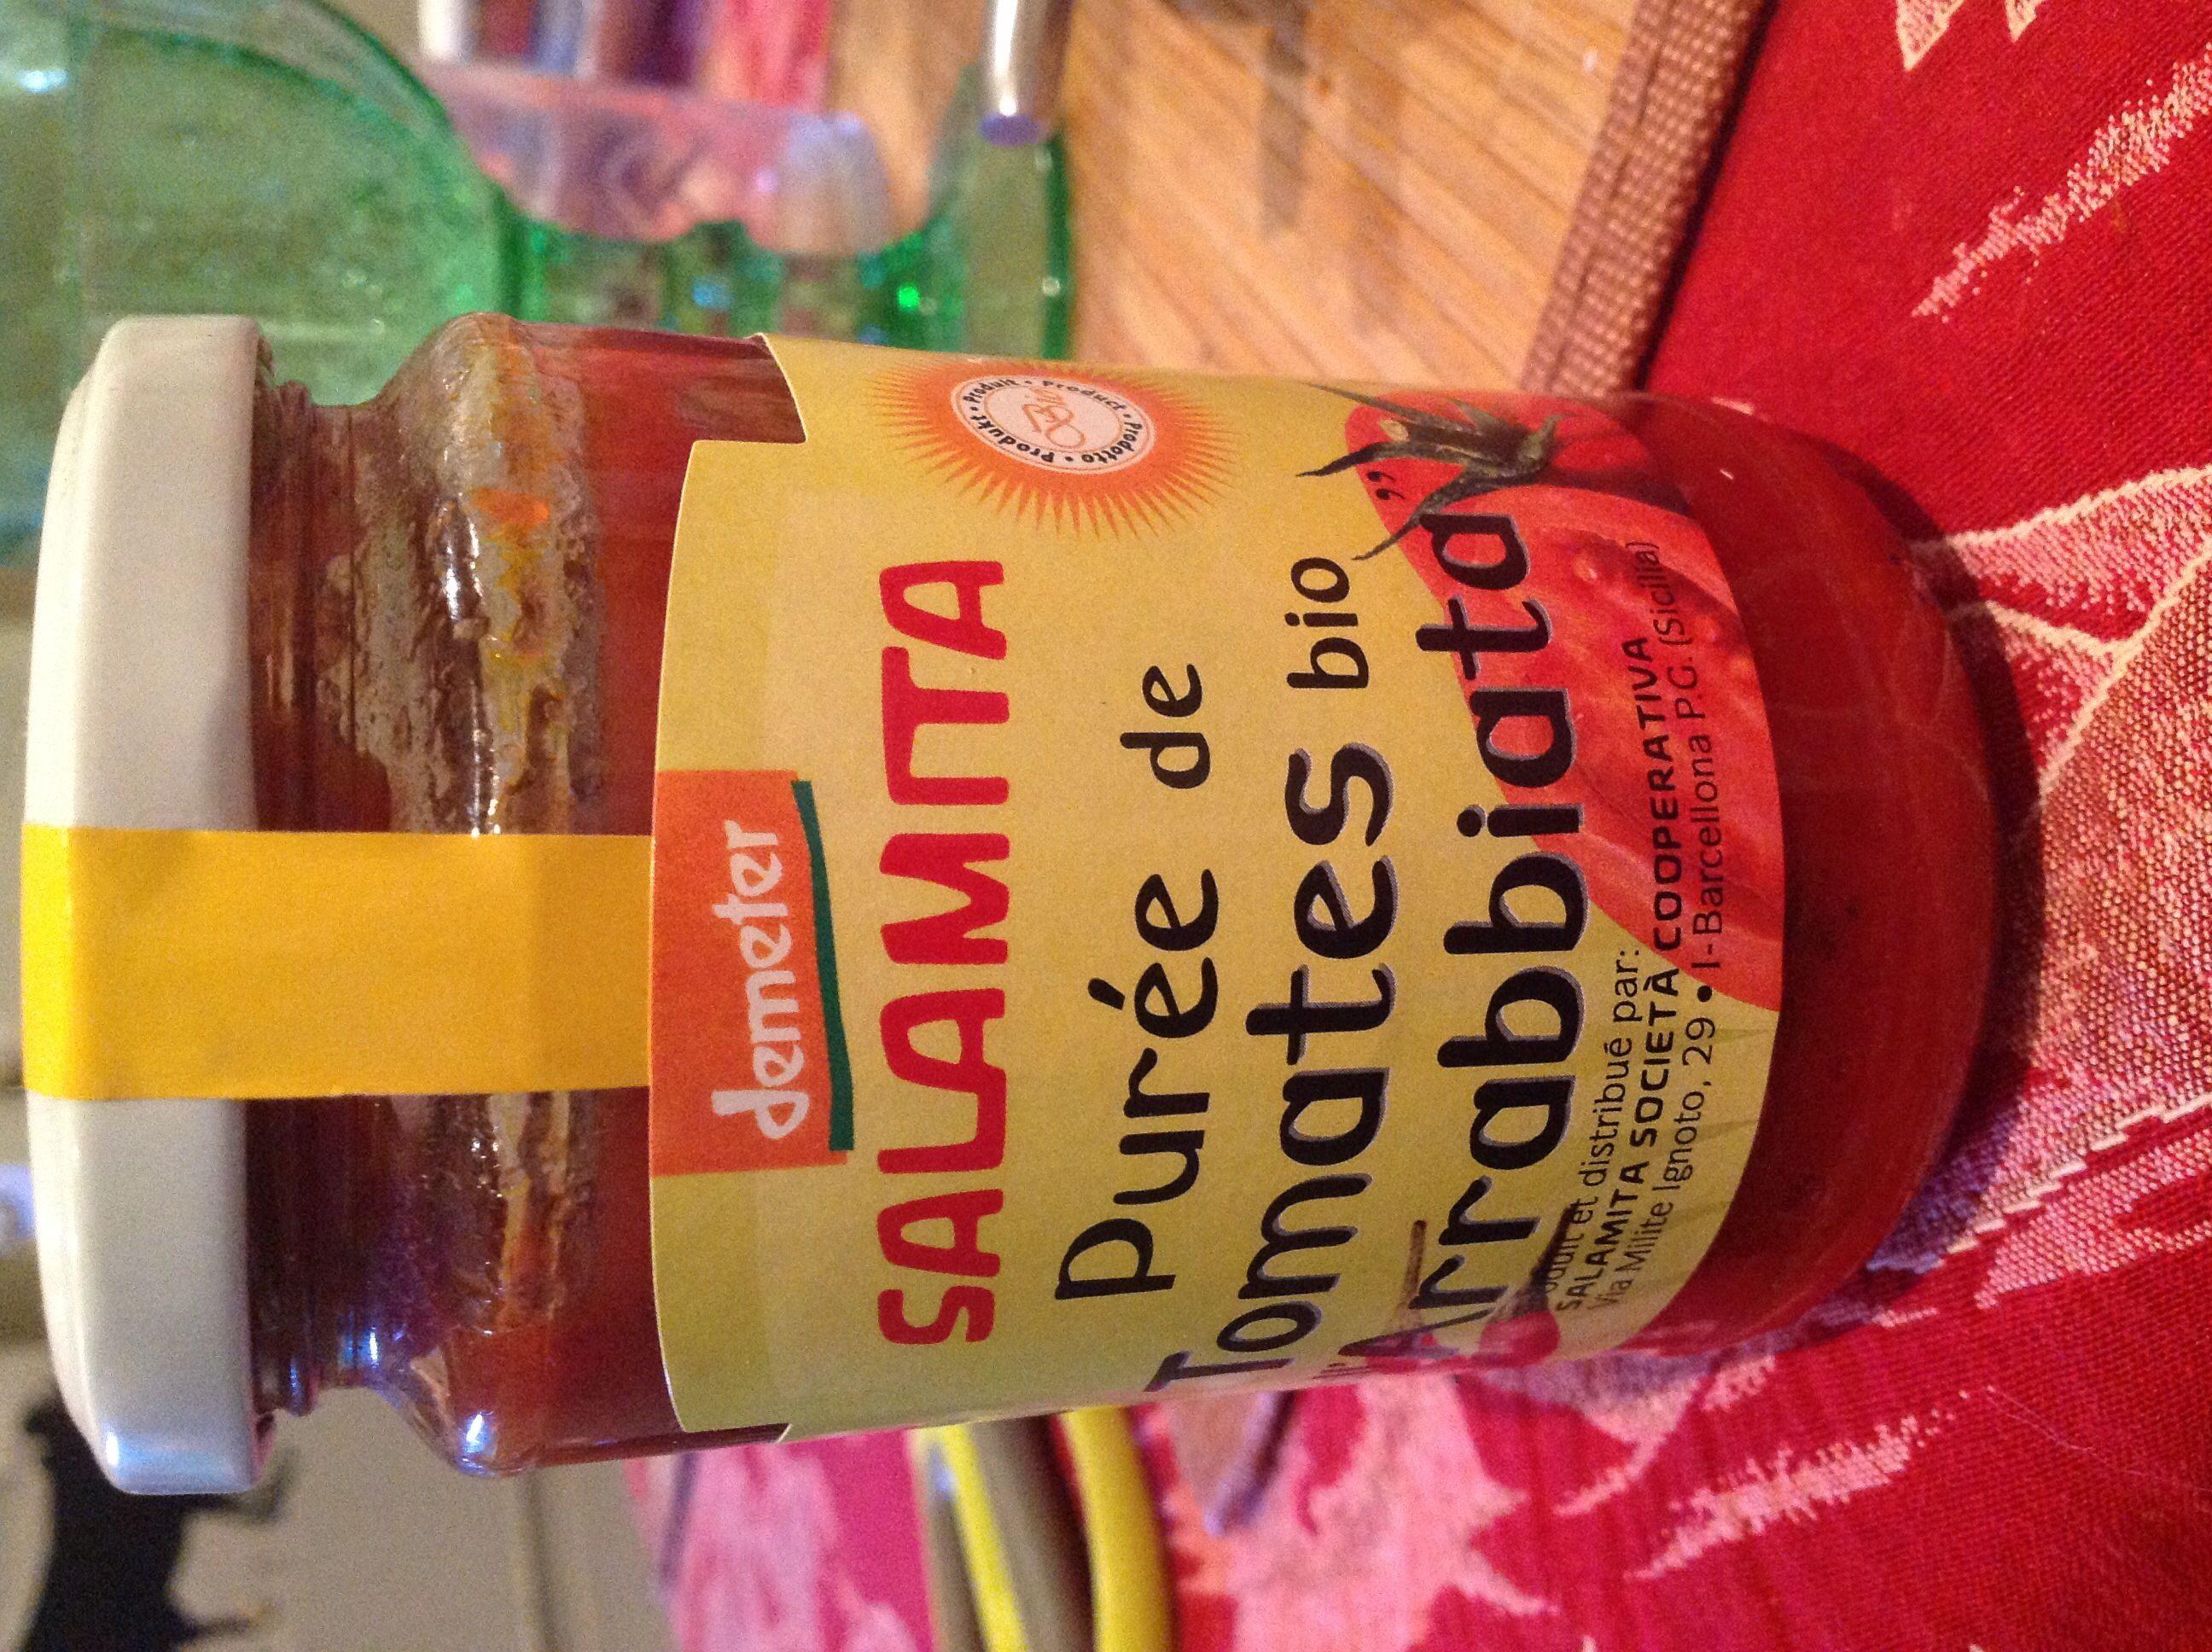 Purée de tomates bio arrabiata - Produit - fr